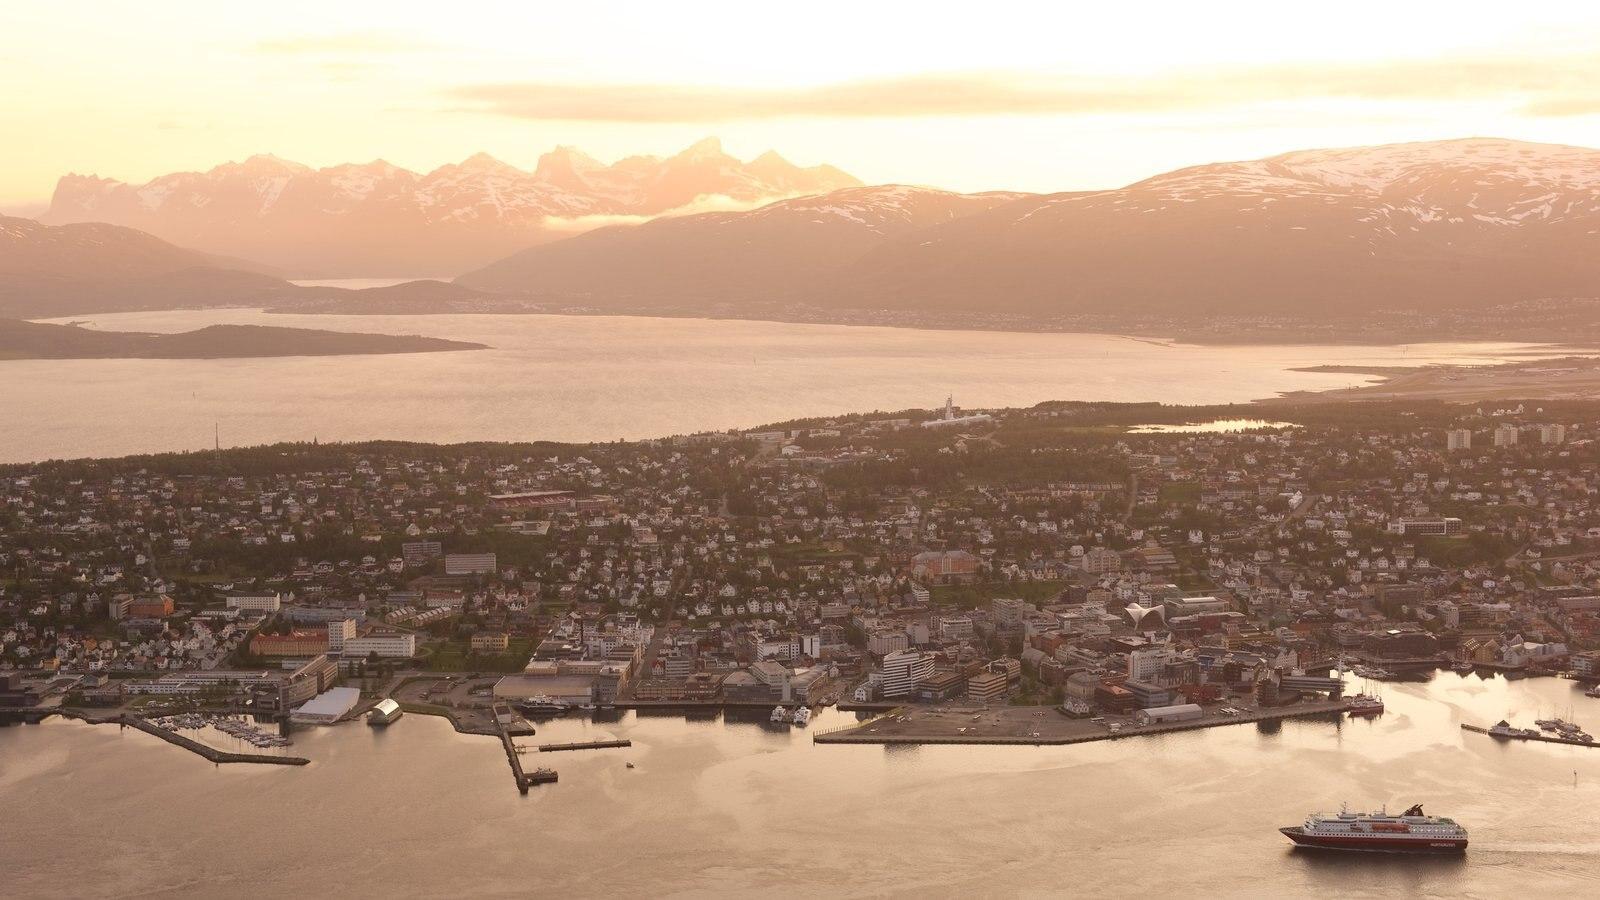 Tromso caracterizando um pôr do sol, canoagem e um lago ou charco